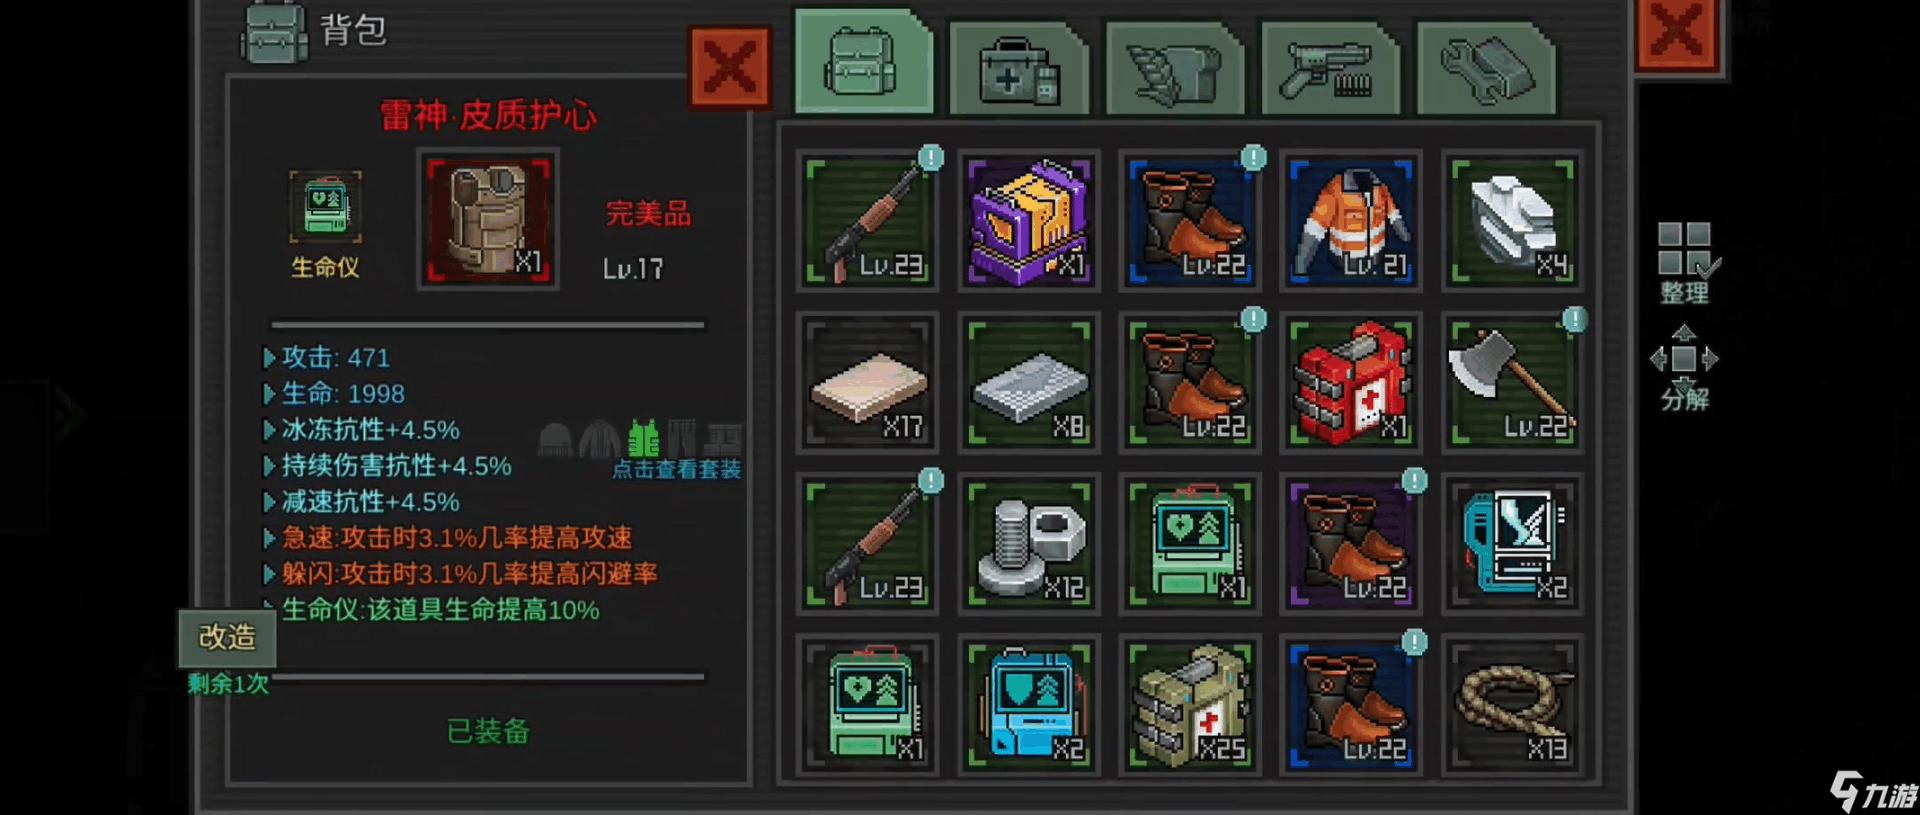 像素危城装备套装怎么选 装备套装选择攻略